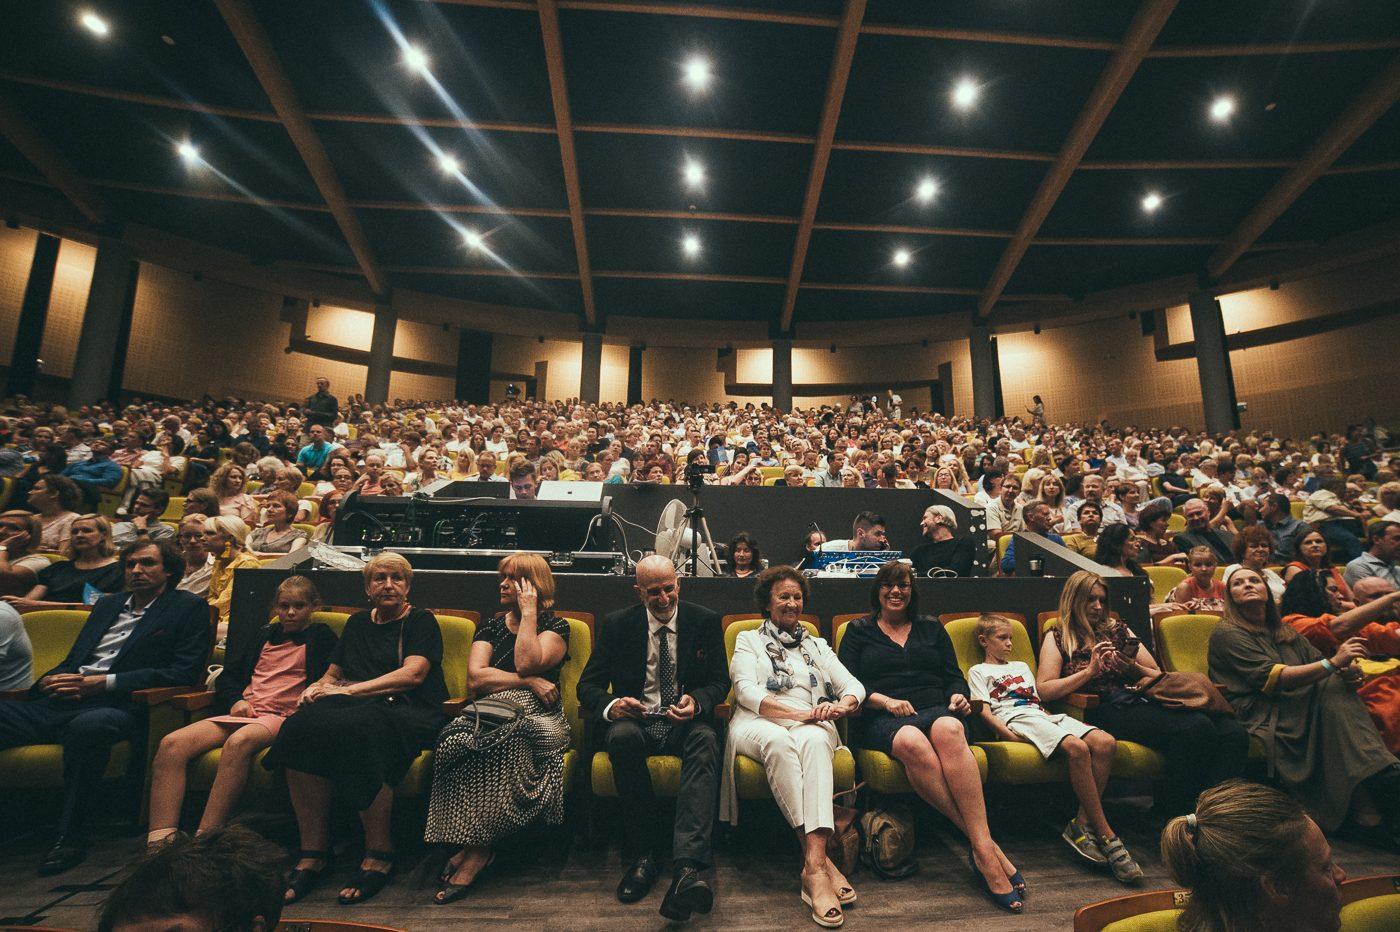 Premjera Zorba Muzikinis Teatras E.sabaliauskaite 002